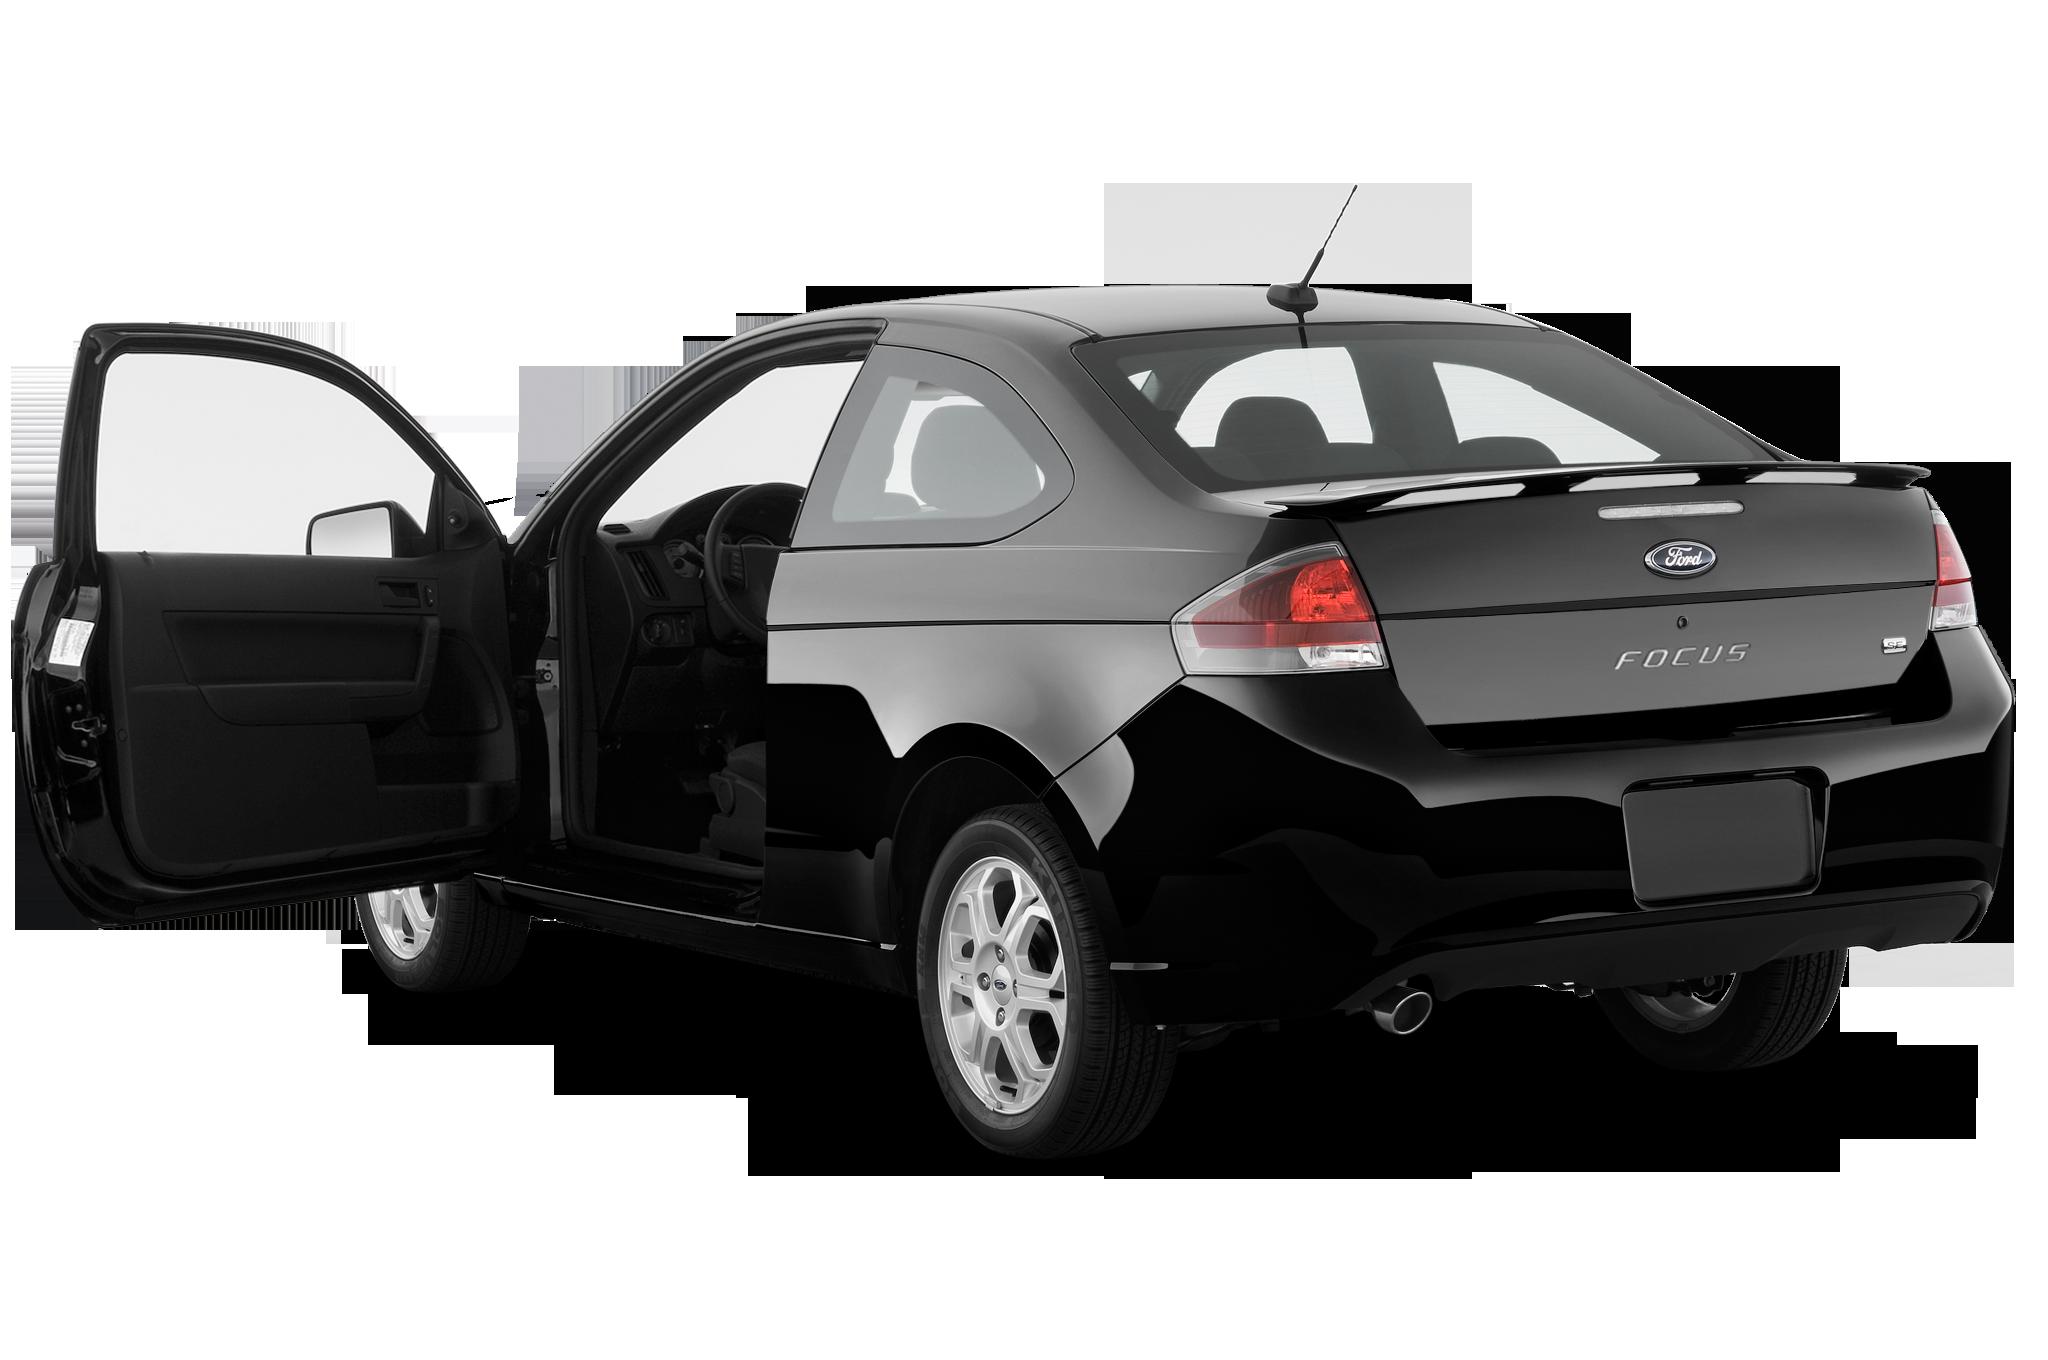 Ford Focus (North America) II 2007 - 2010 Sedan #3